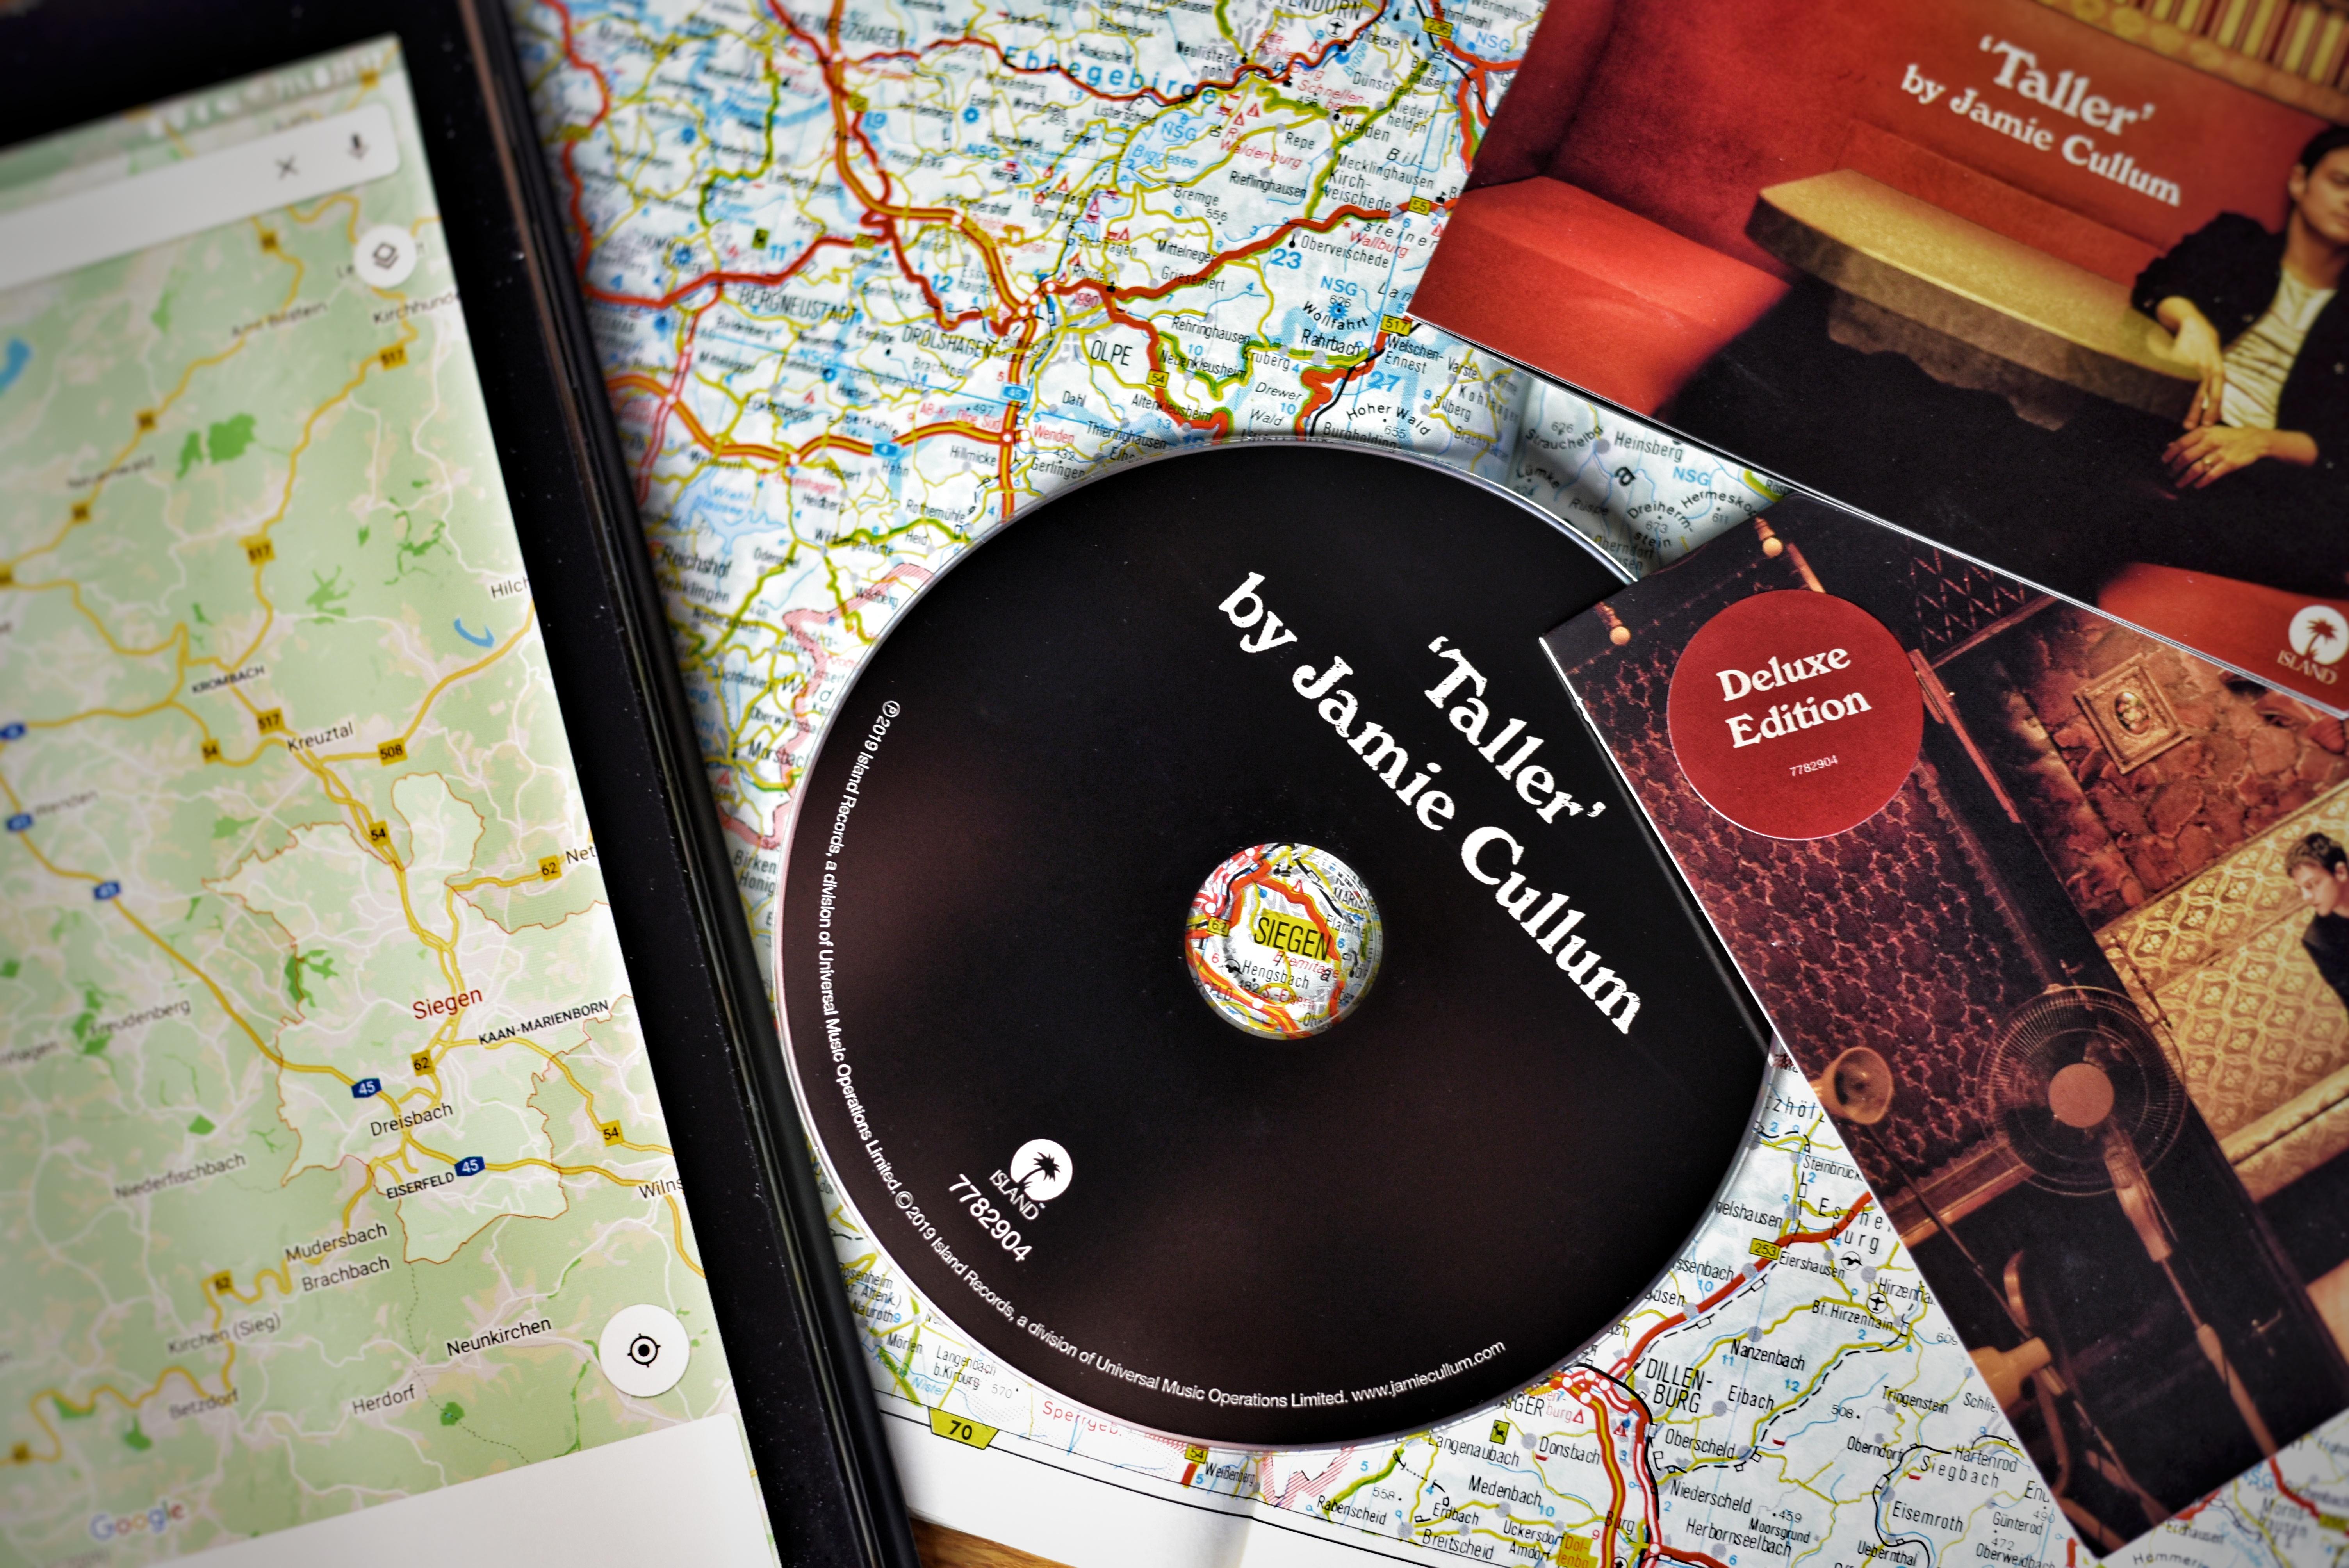 Jamie Cullum Taller CD und Karten